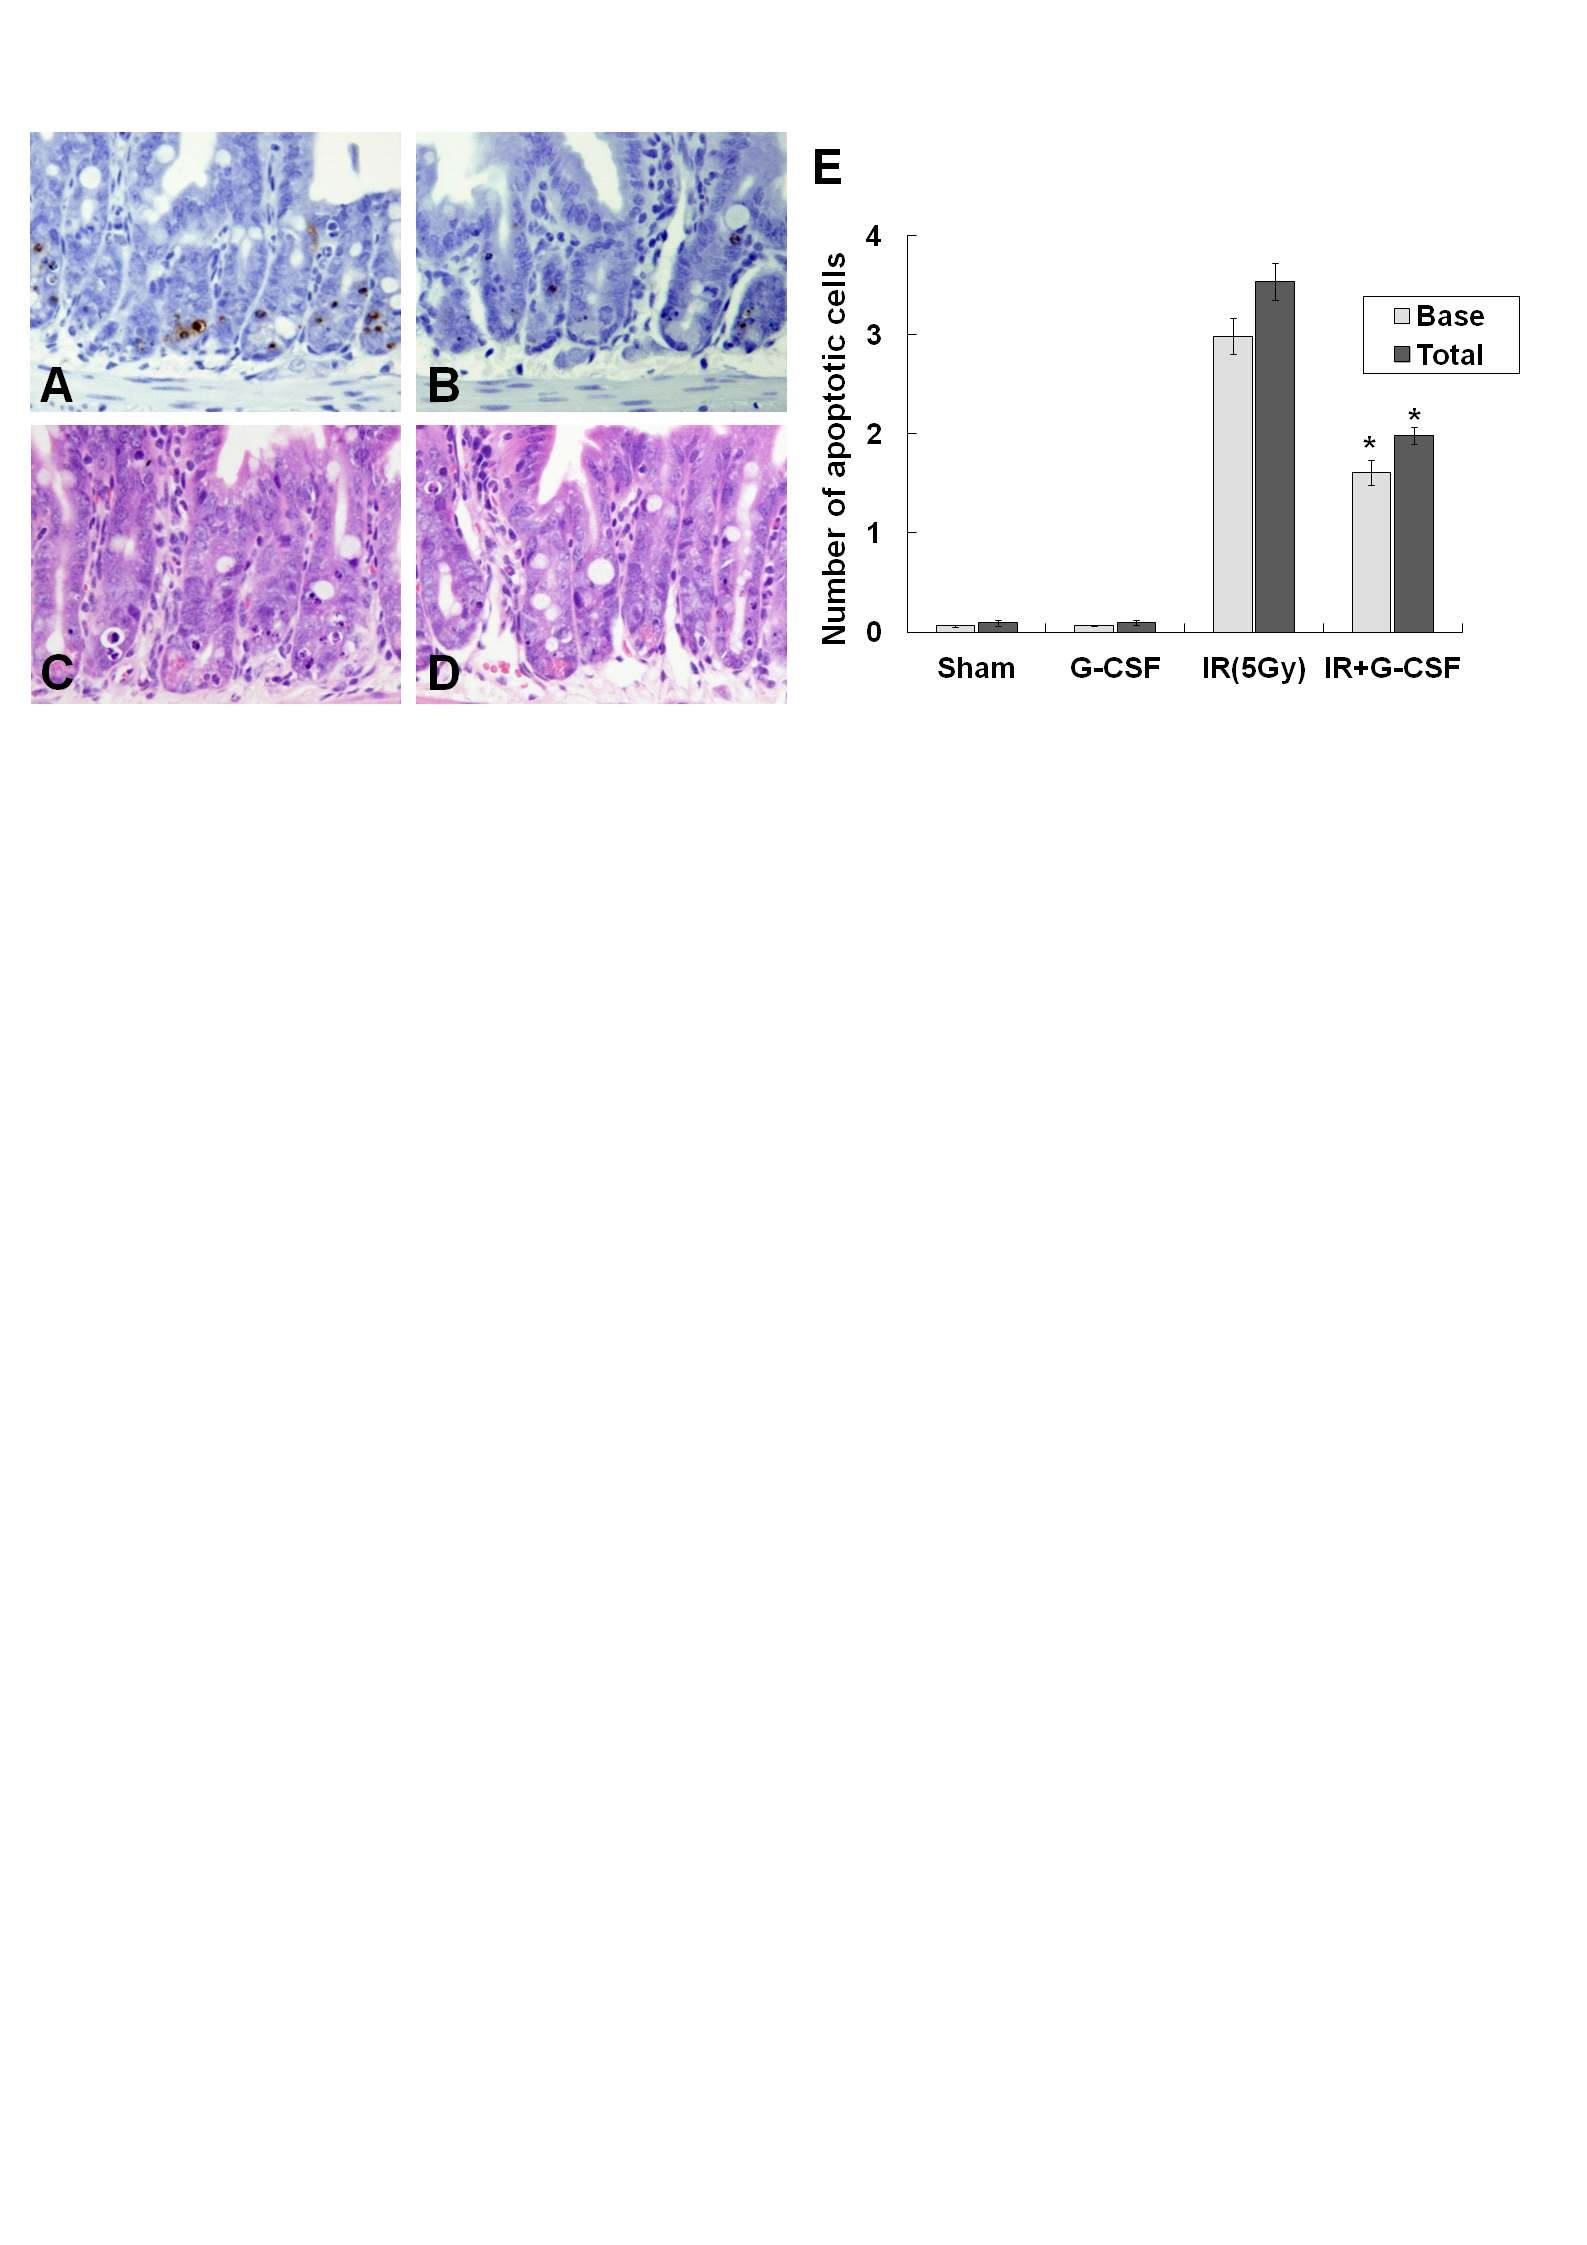 방사선 조사에 따른 공장의 apoptosis 변화